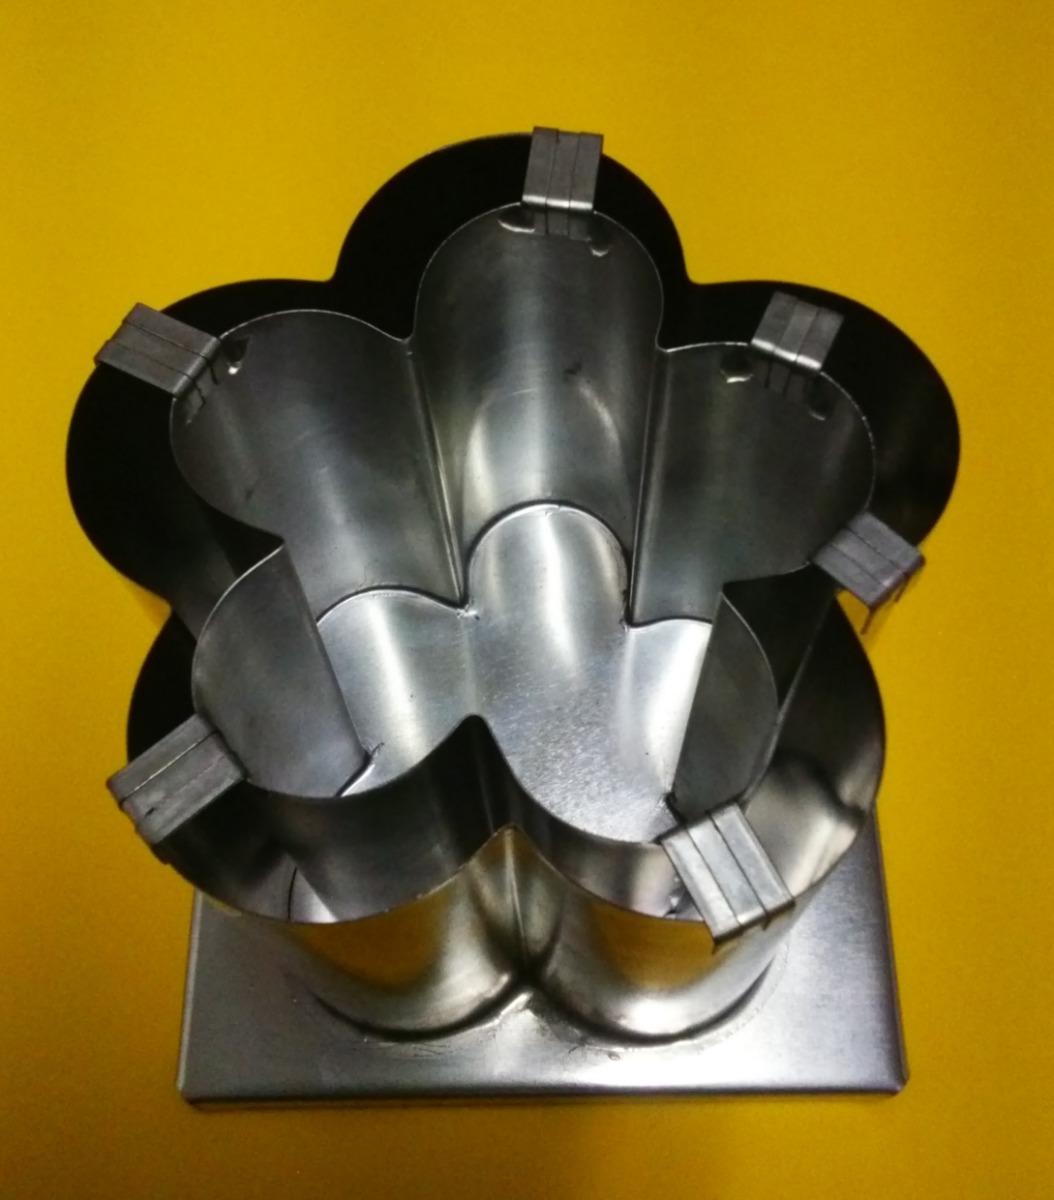 061ca193b2b molde metálico flor pantalla para hacer vela de parafina. Cargando zoom.